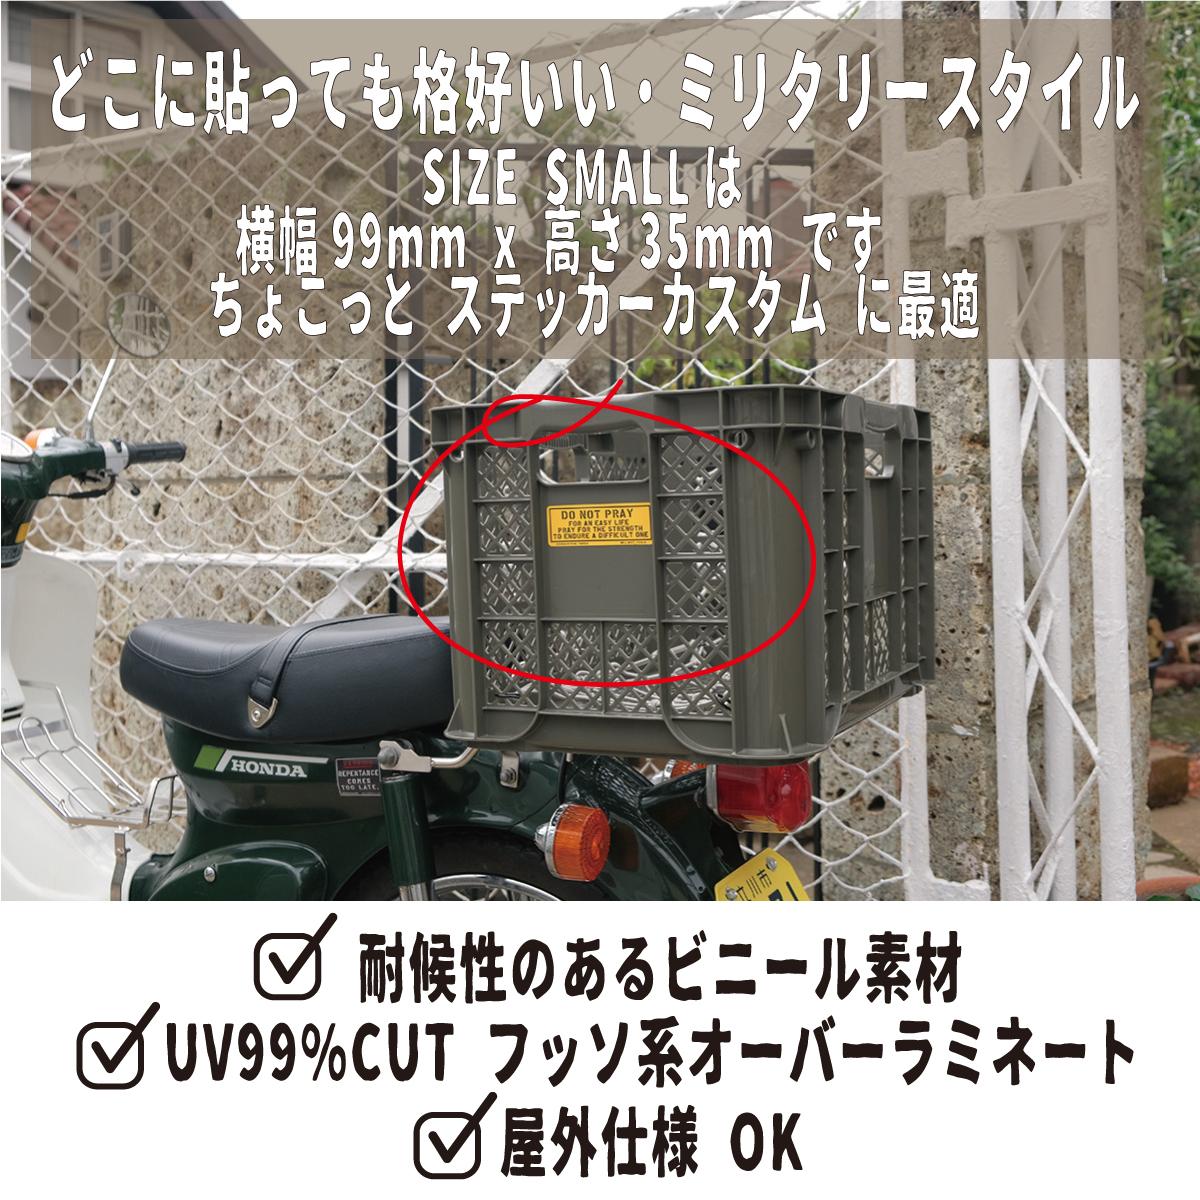 MIL-MOTB-S-013S